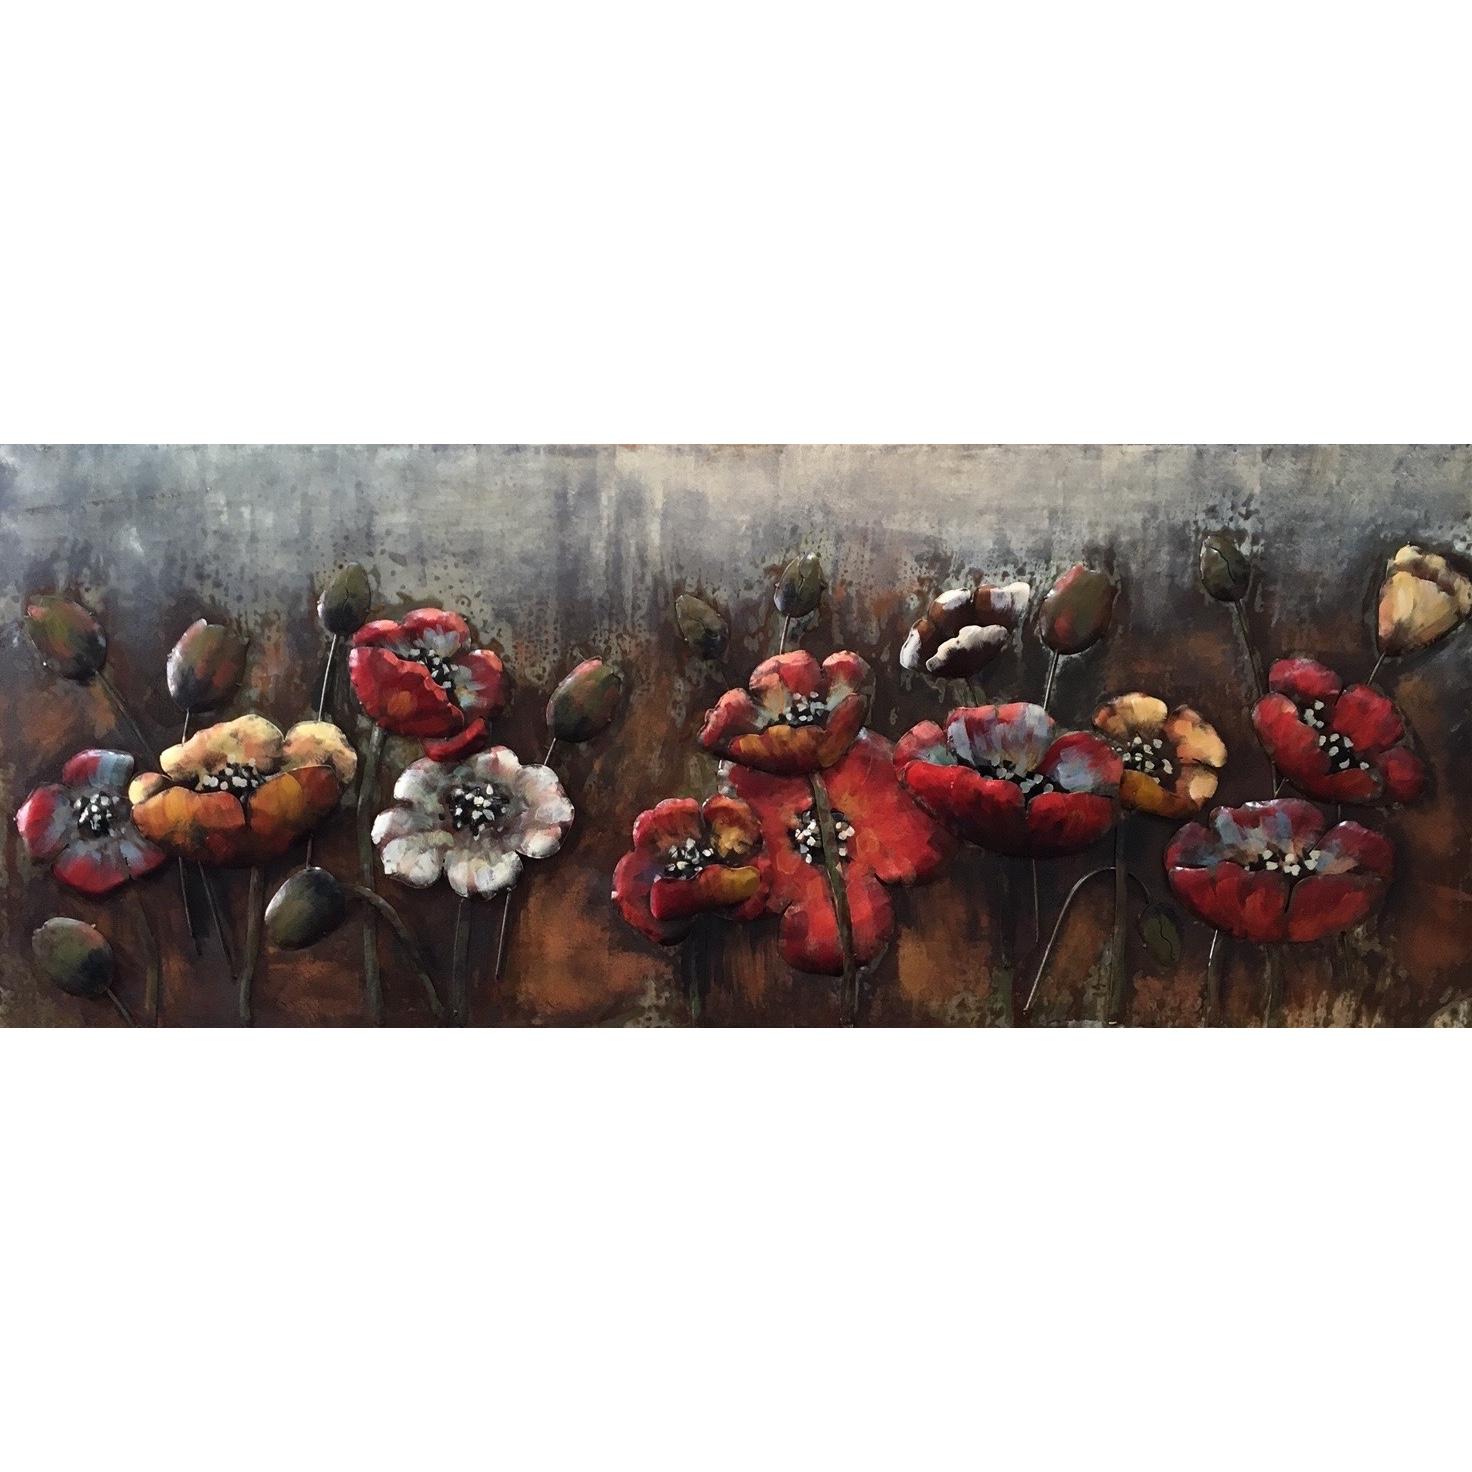 Extreem Metal Art 3D schilderij 'Bloemen' - Metalen schilderij 3D 60 x 150 cm. #CJ89